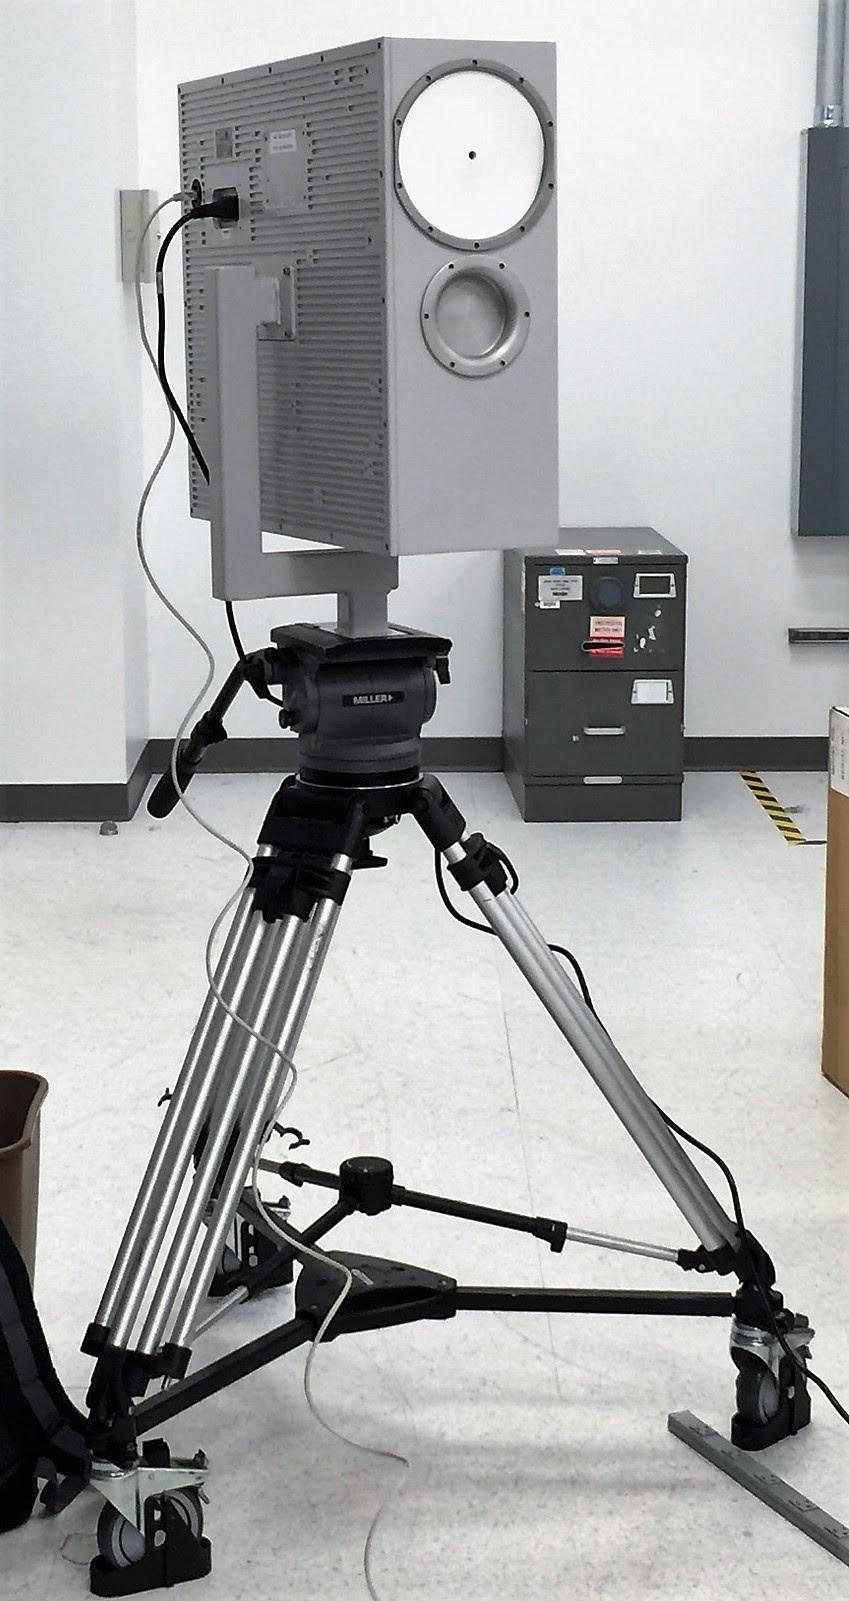 Unidad autónoma de detección de explosivos.  (Foto TSA)